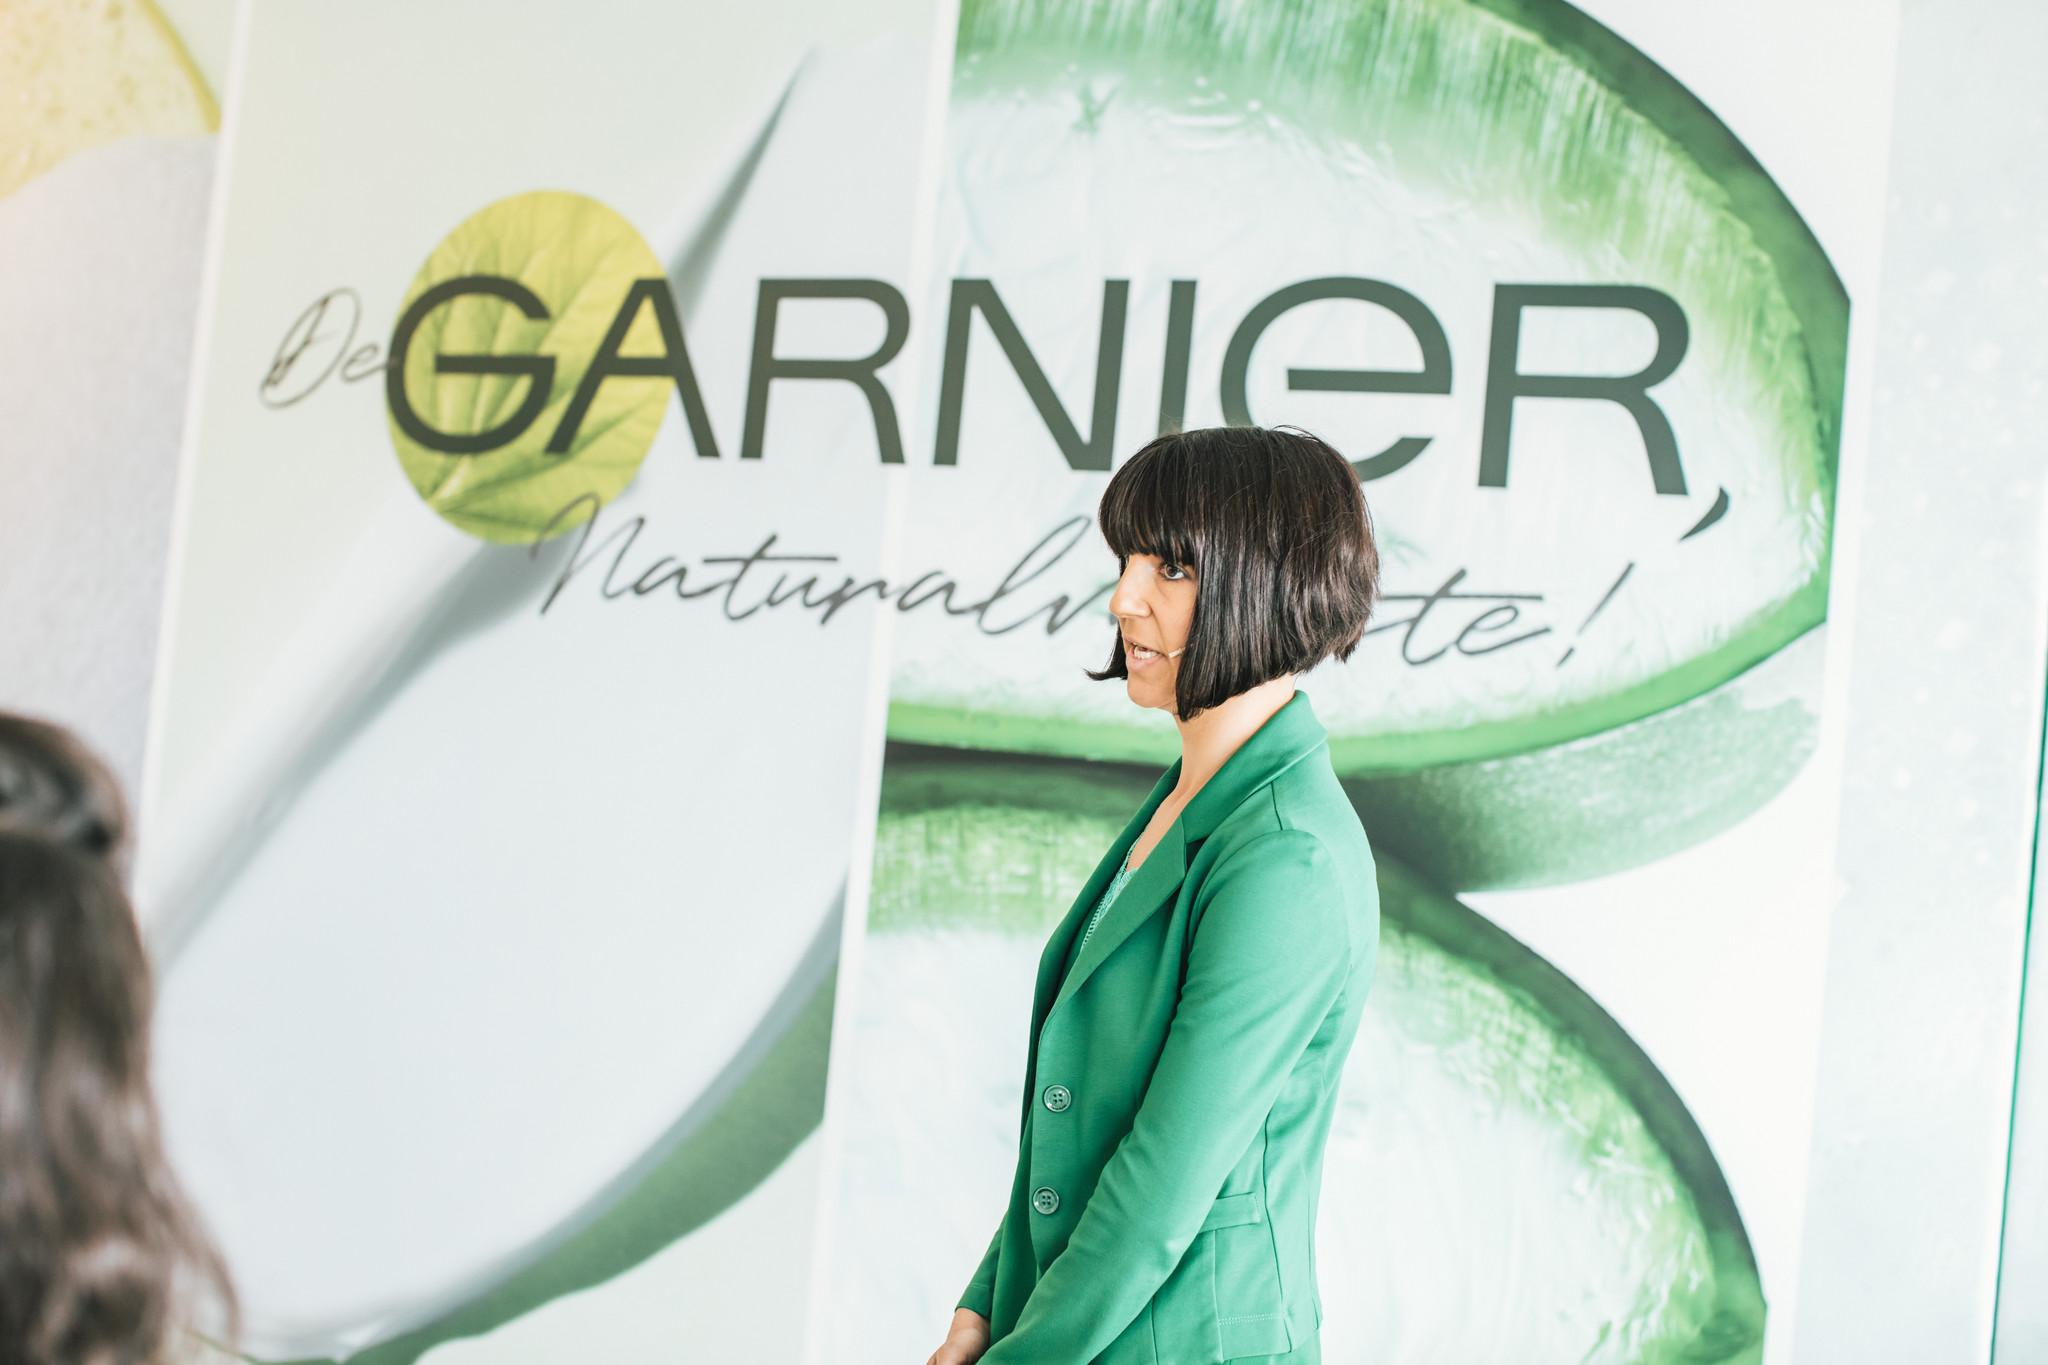 Garnier-139.jpg